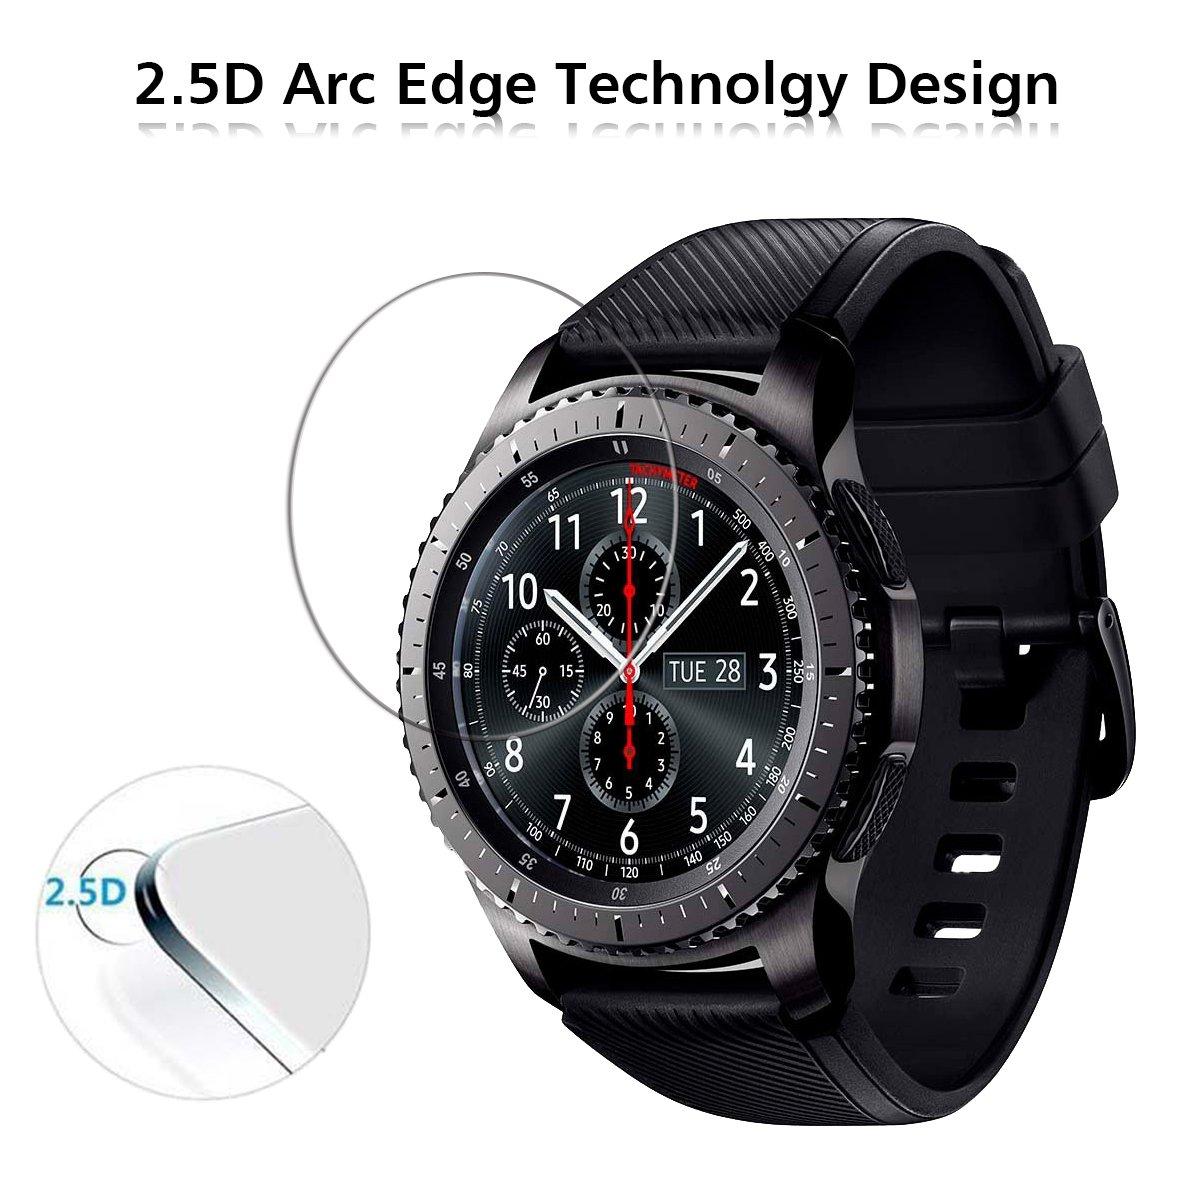 ivoler [3 Unidades] Protector de Pantalla para Samsung Galaxy Watch 46mm / Samsung Gear S3 Frontier / S3 Classic, Cristal Vidrio Templado Premium ...